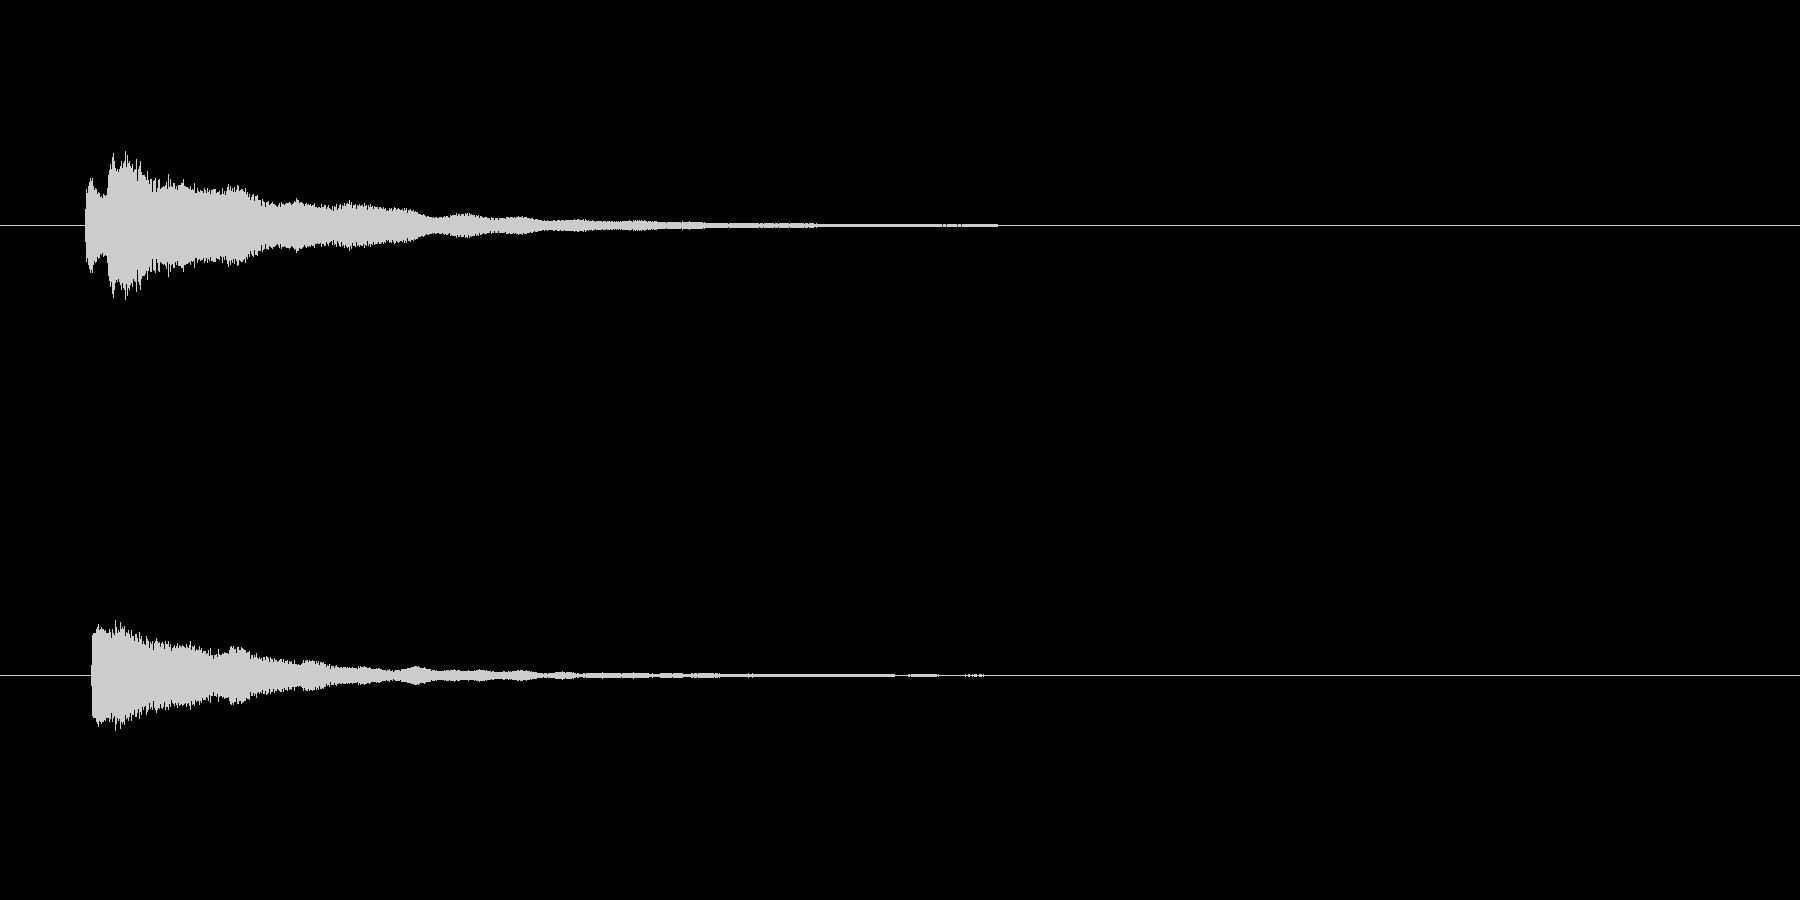 【アクセント25-3】の未再生の波形